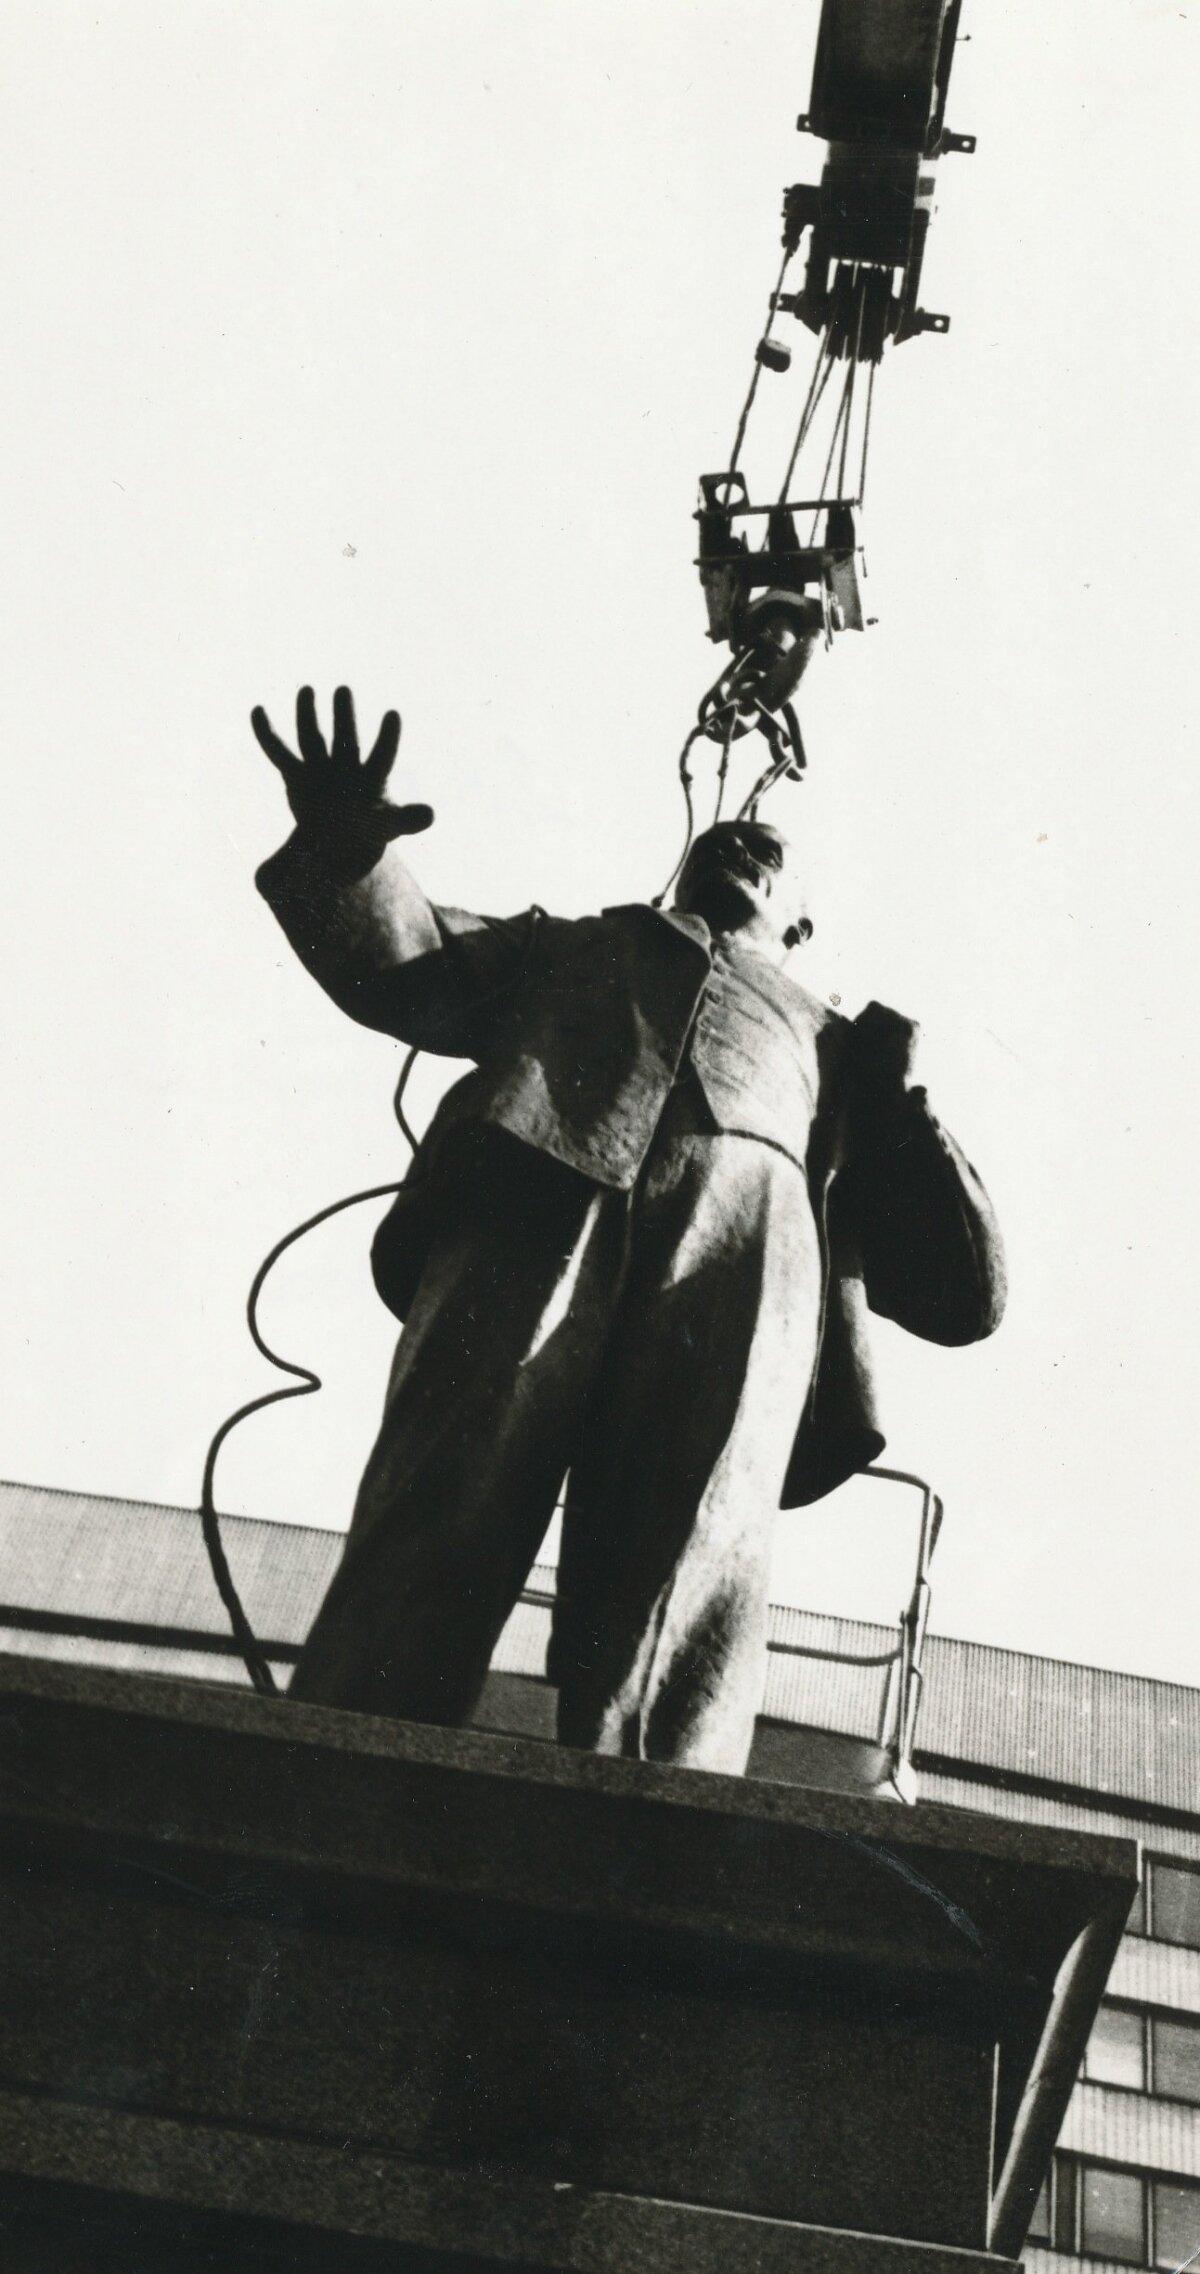 ЭСТОНСКАЯ ВЛАСТЬ 1 : 0: Статуя Владимира Ульянова с псевдонимом Ленин стояла перед нынешним зданием МИДа на бульваре Рявала в центре Таллинна. Фото: архив Мааleht